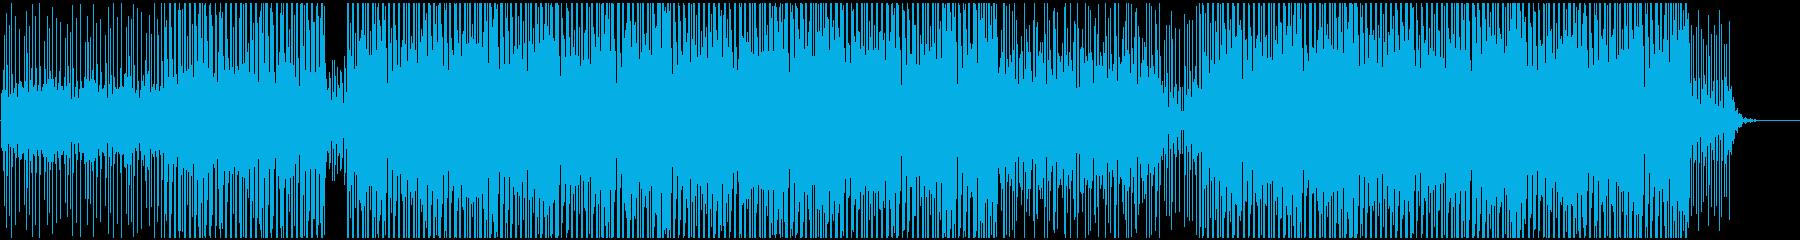 企業VPや映像に 適度なEDM風の音使いの再生済みの波形